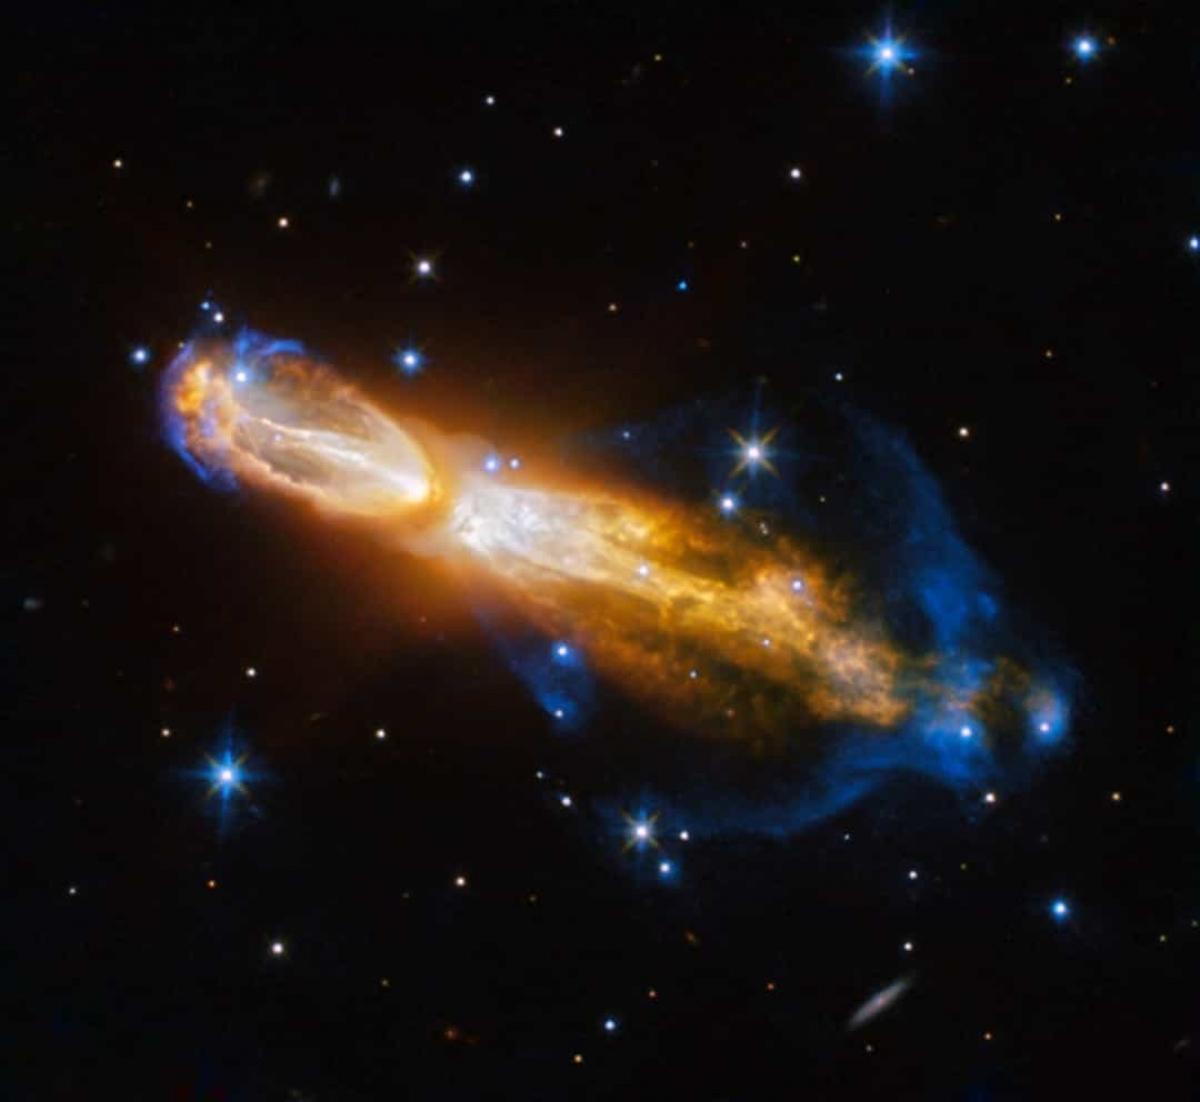 Tinh vân Calabash nằm trong chòm sao Thuyền Vĩ. Nó có thể đạt tốc độ lên tới 1,5 triệu km/h.